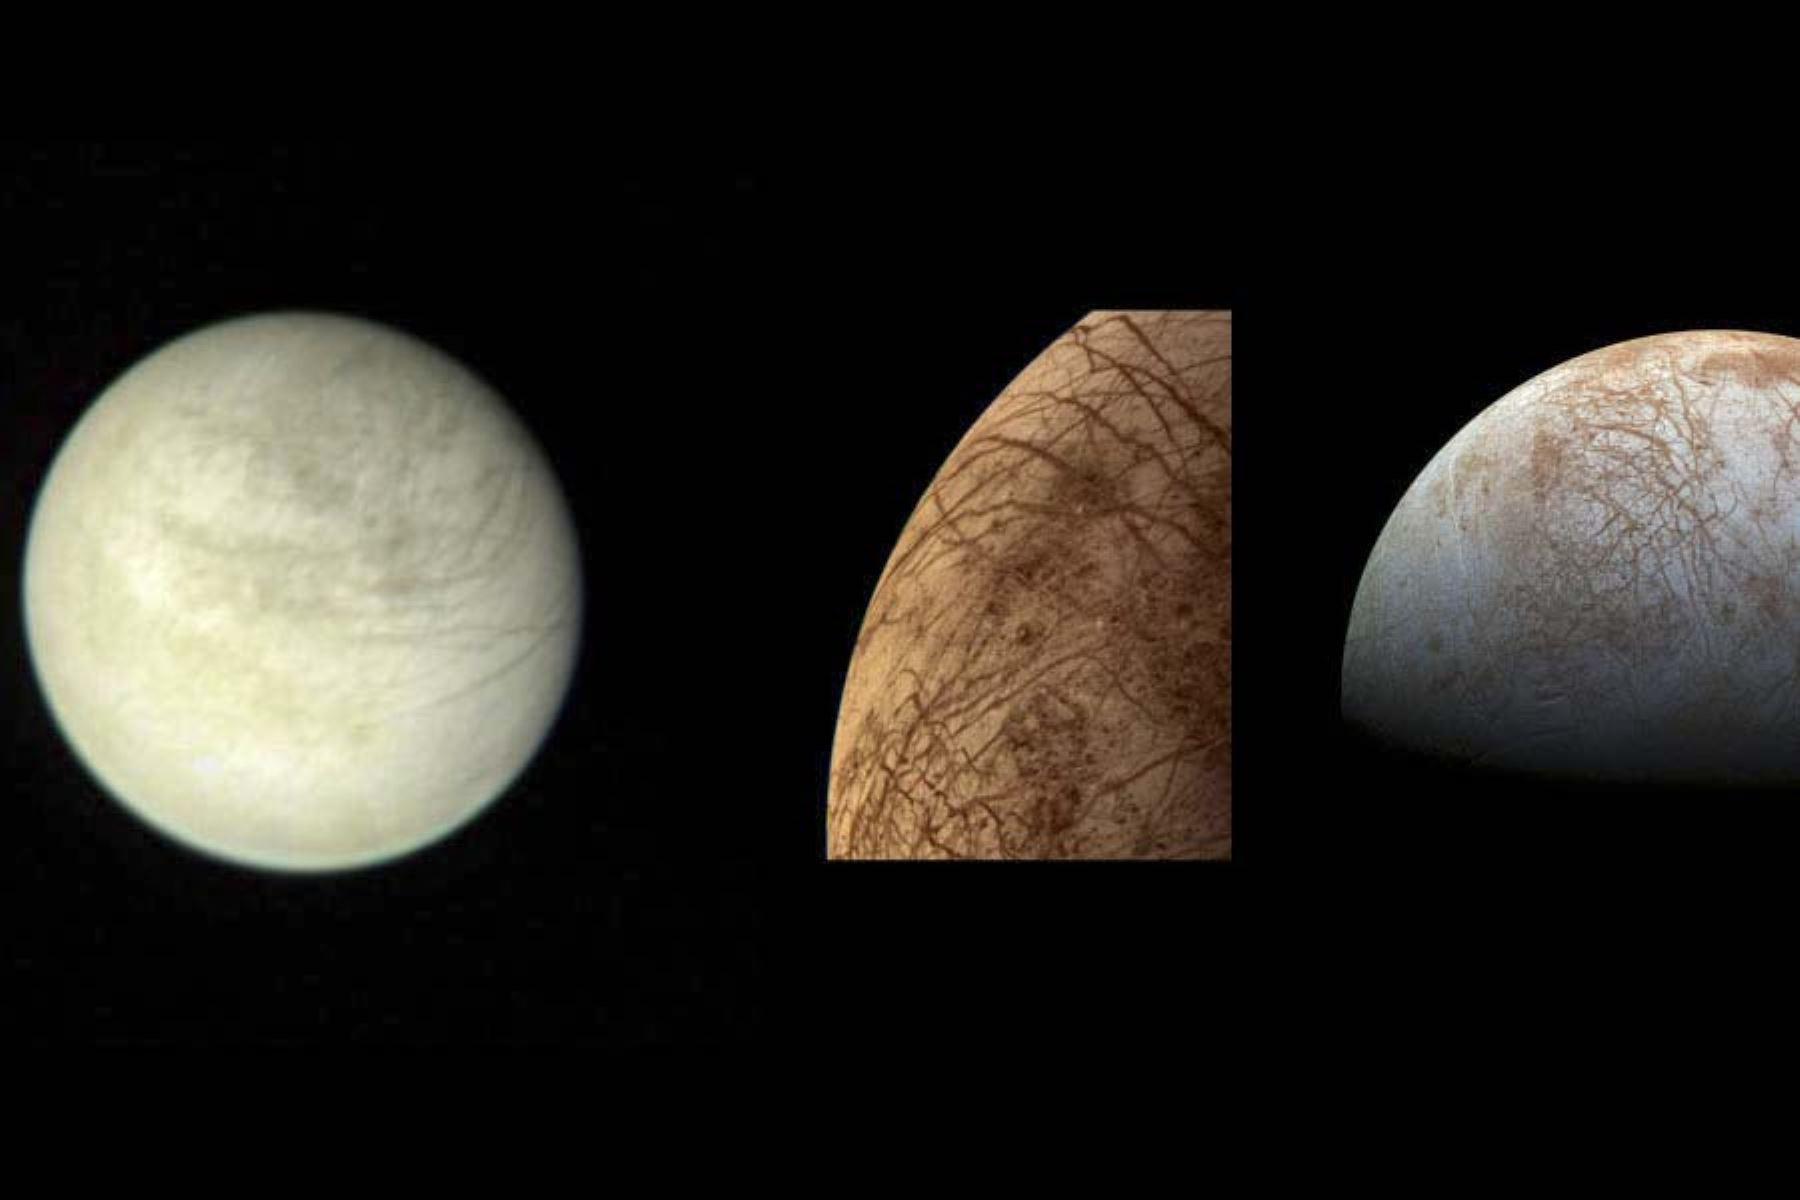 La confirmación de que hay vapor de agua sobre Europa ayuda a los científicos a comprender mejor el funcionamiento interno de esta luna.